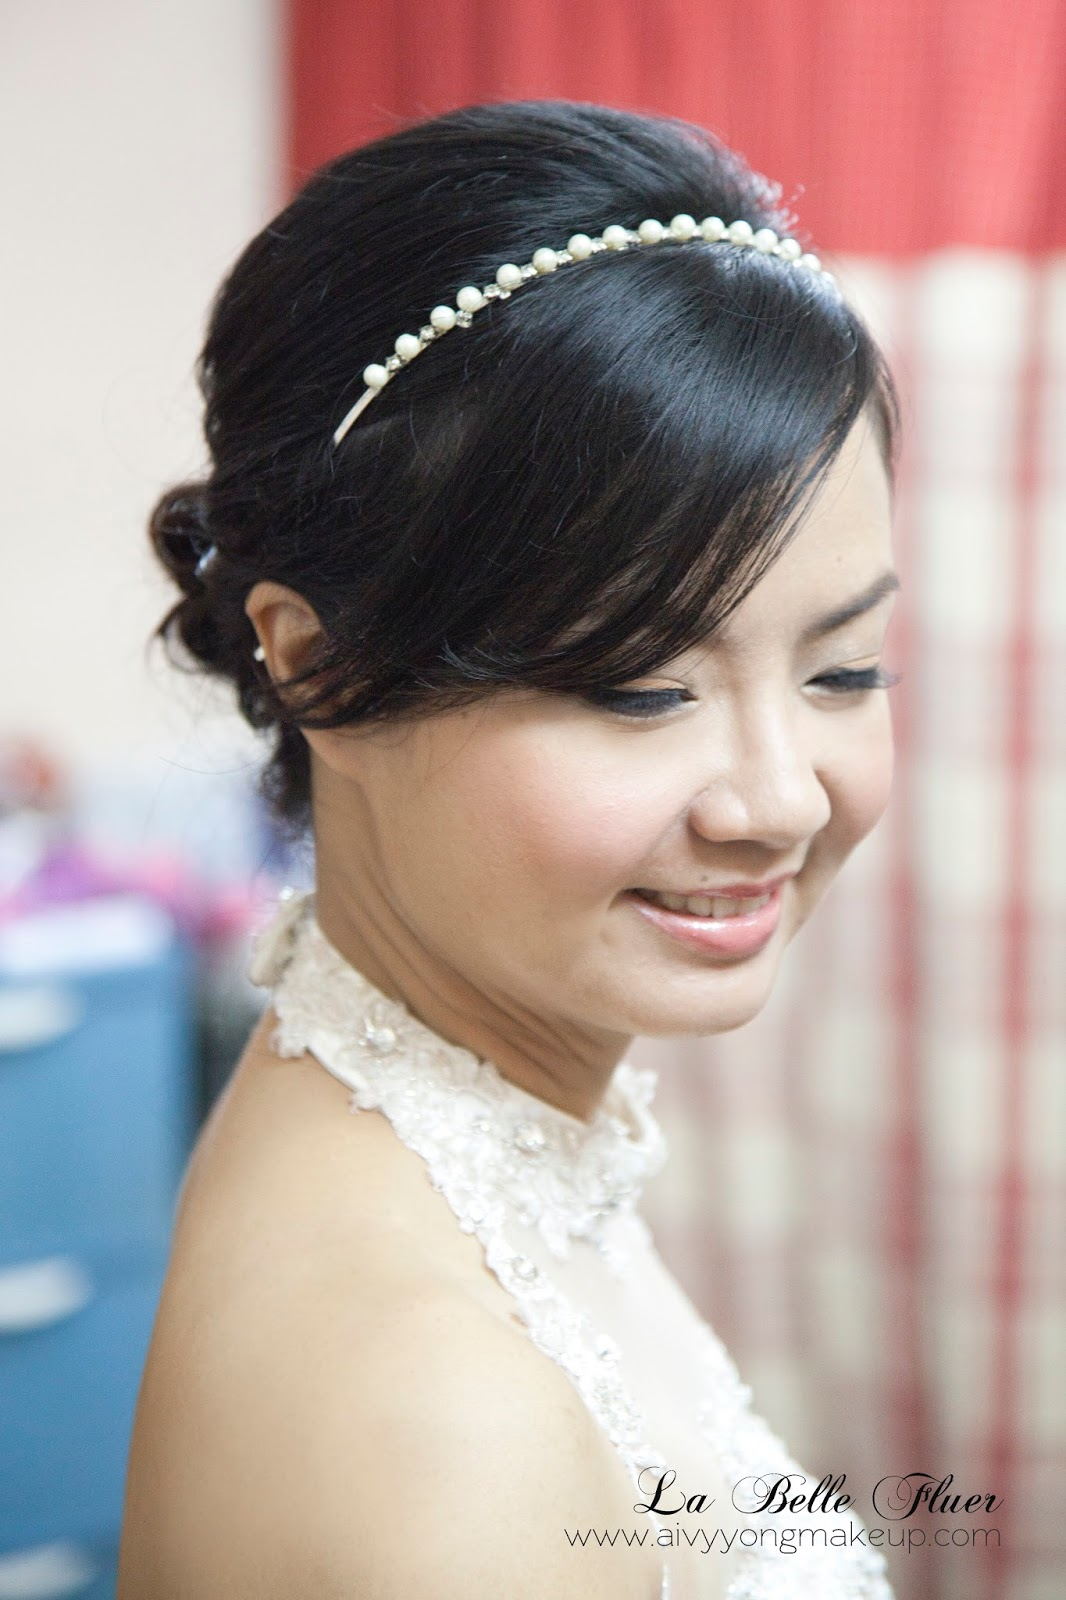 airbrush bridal make up_kl_yern mun_sweet bridal styling | aivy